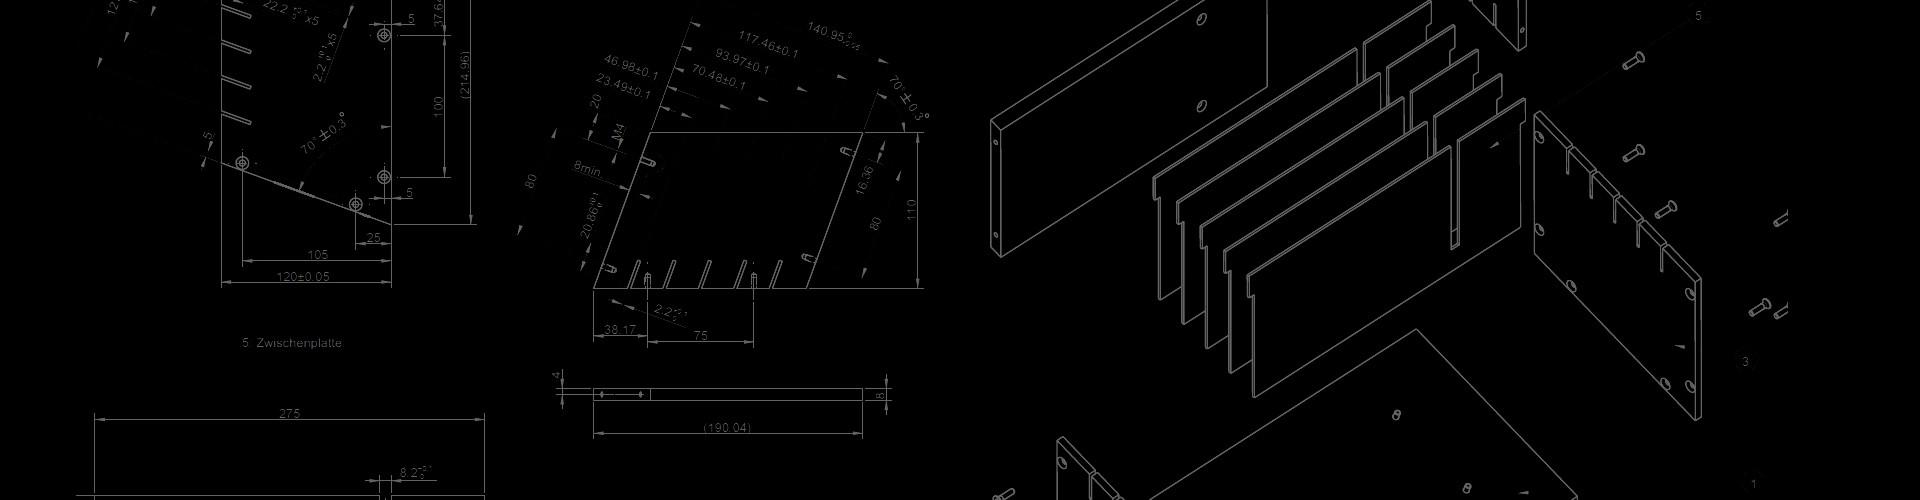 disegno tecnico Fiberdraft